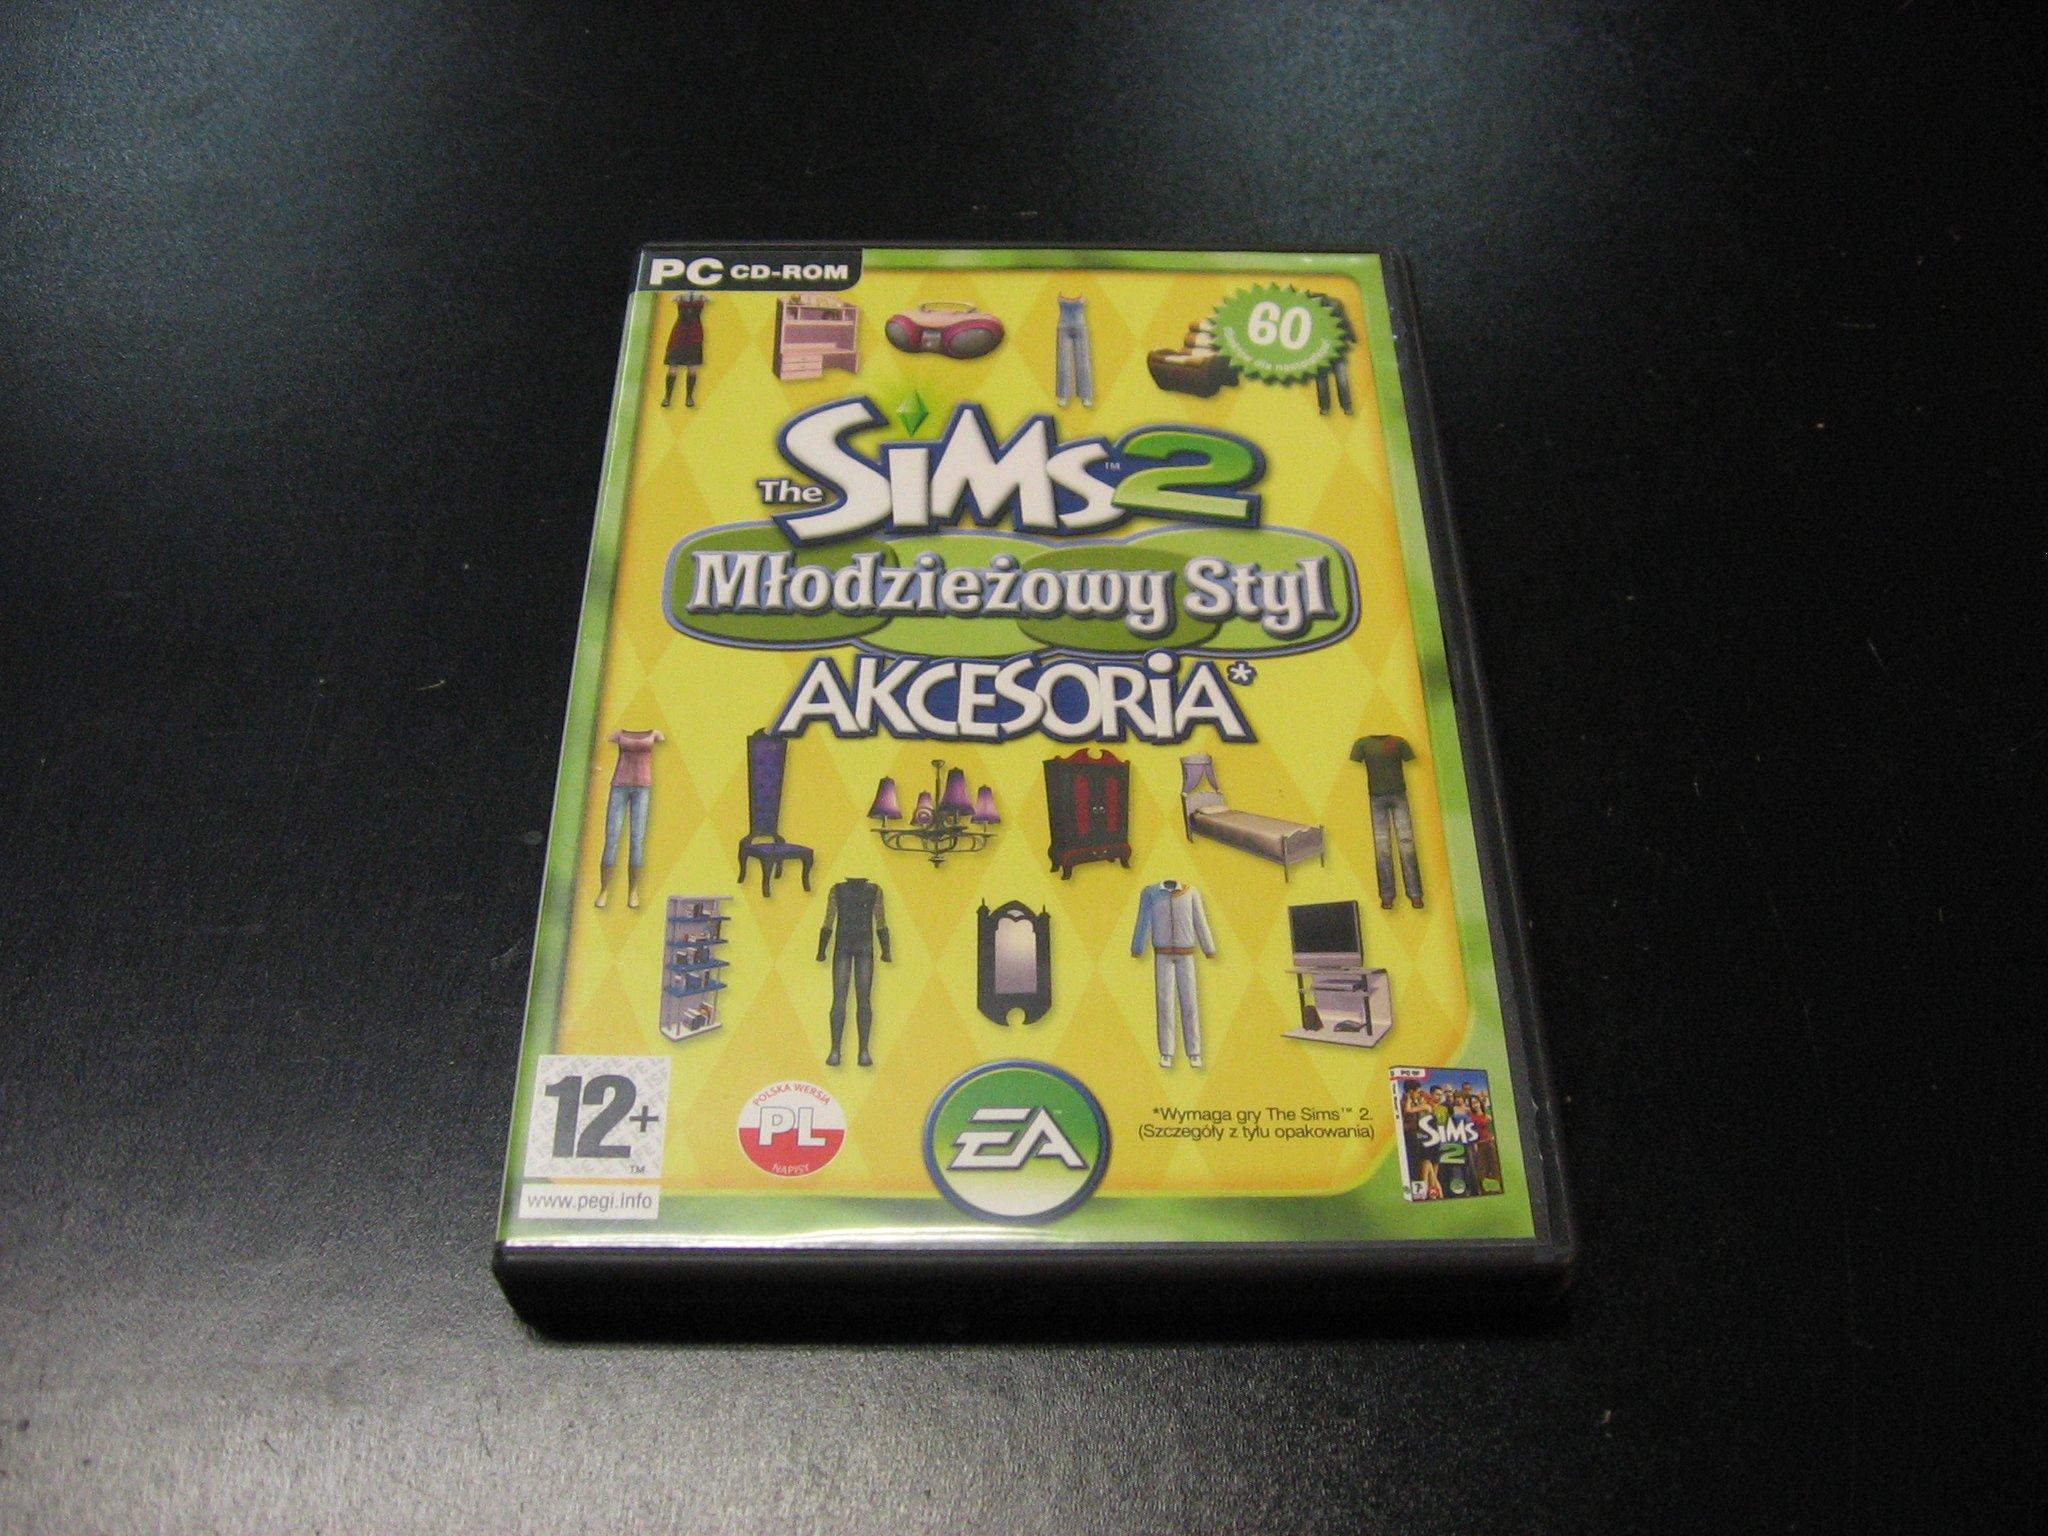 The Sims 2 Młodzieżowy Styl akcesoria PL - GRA PC 0129